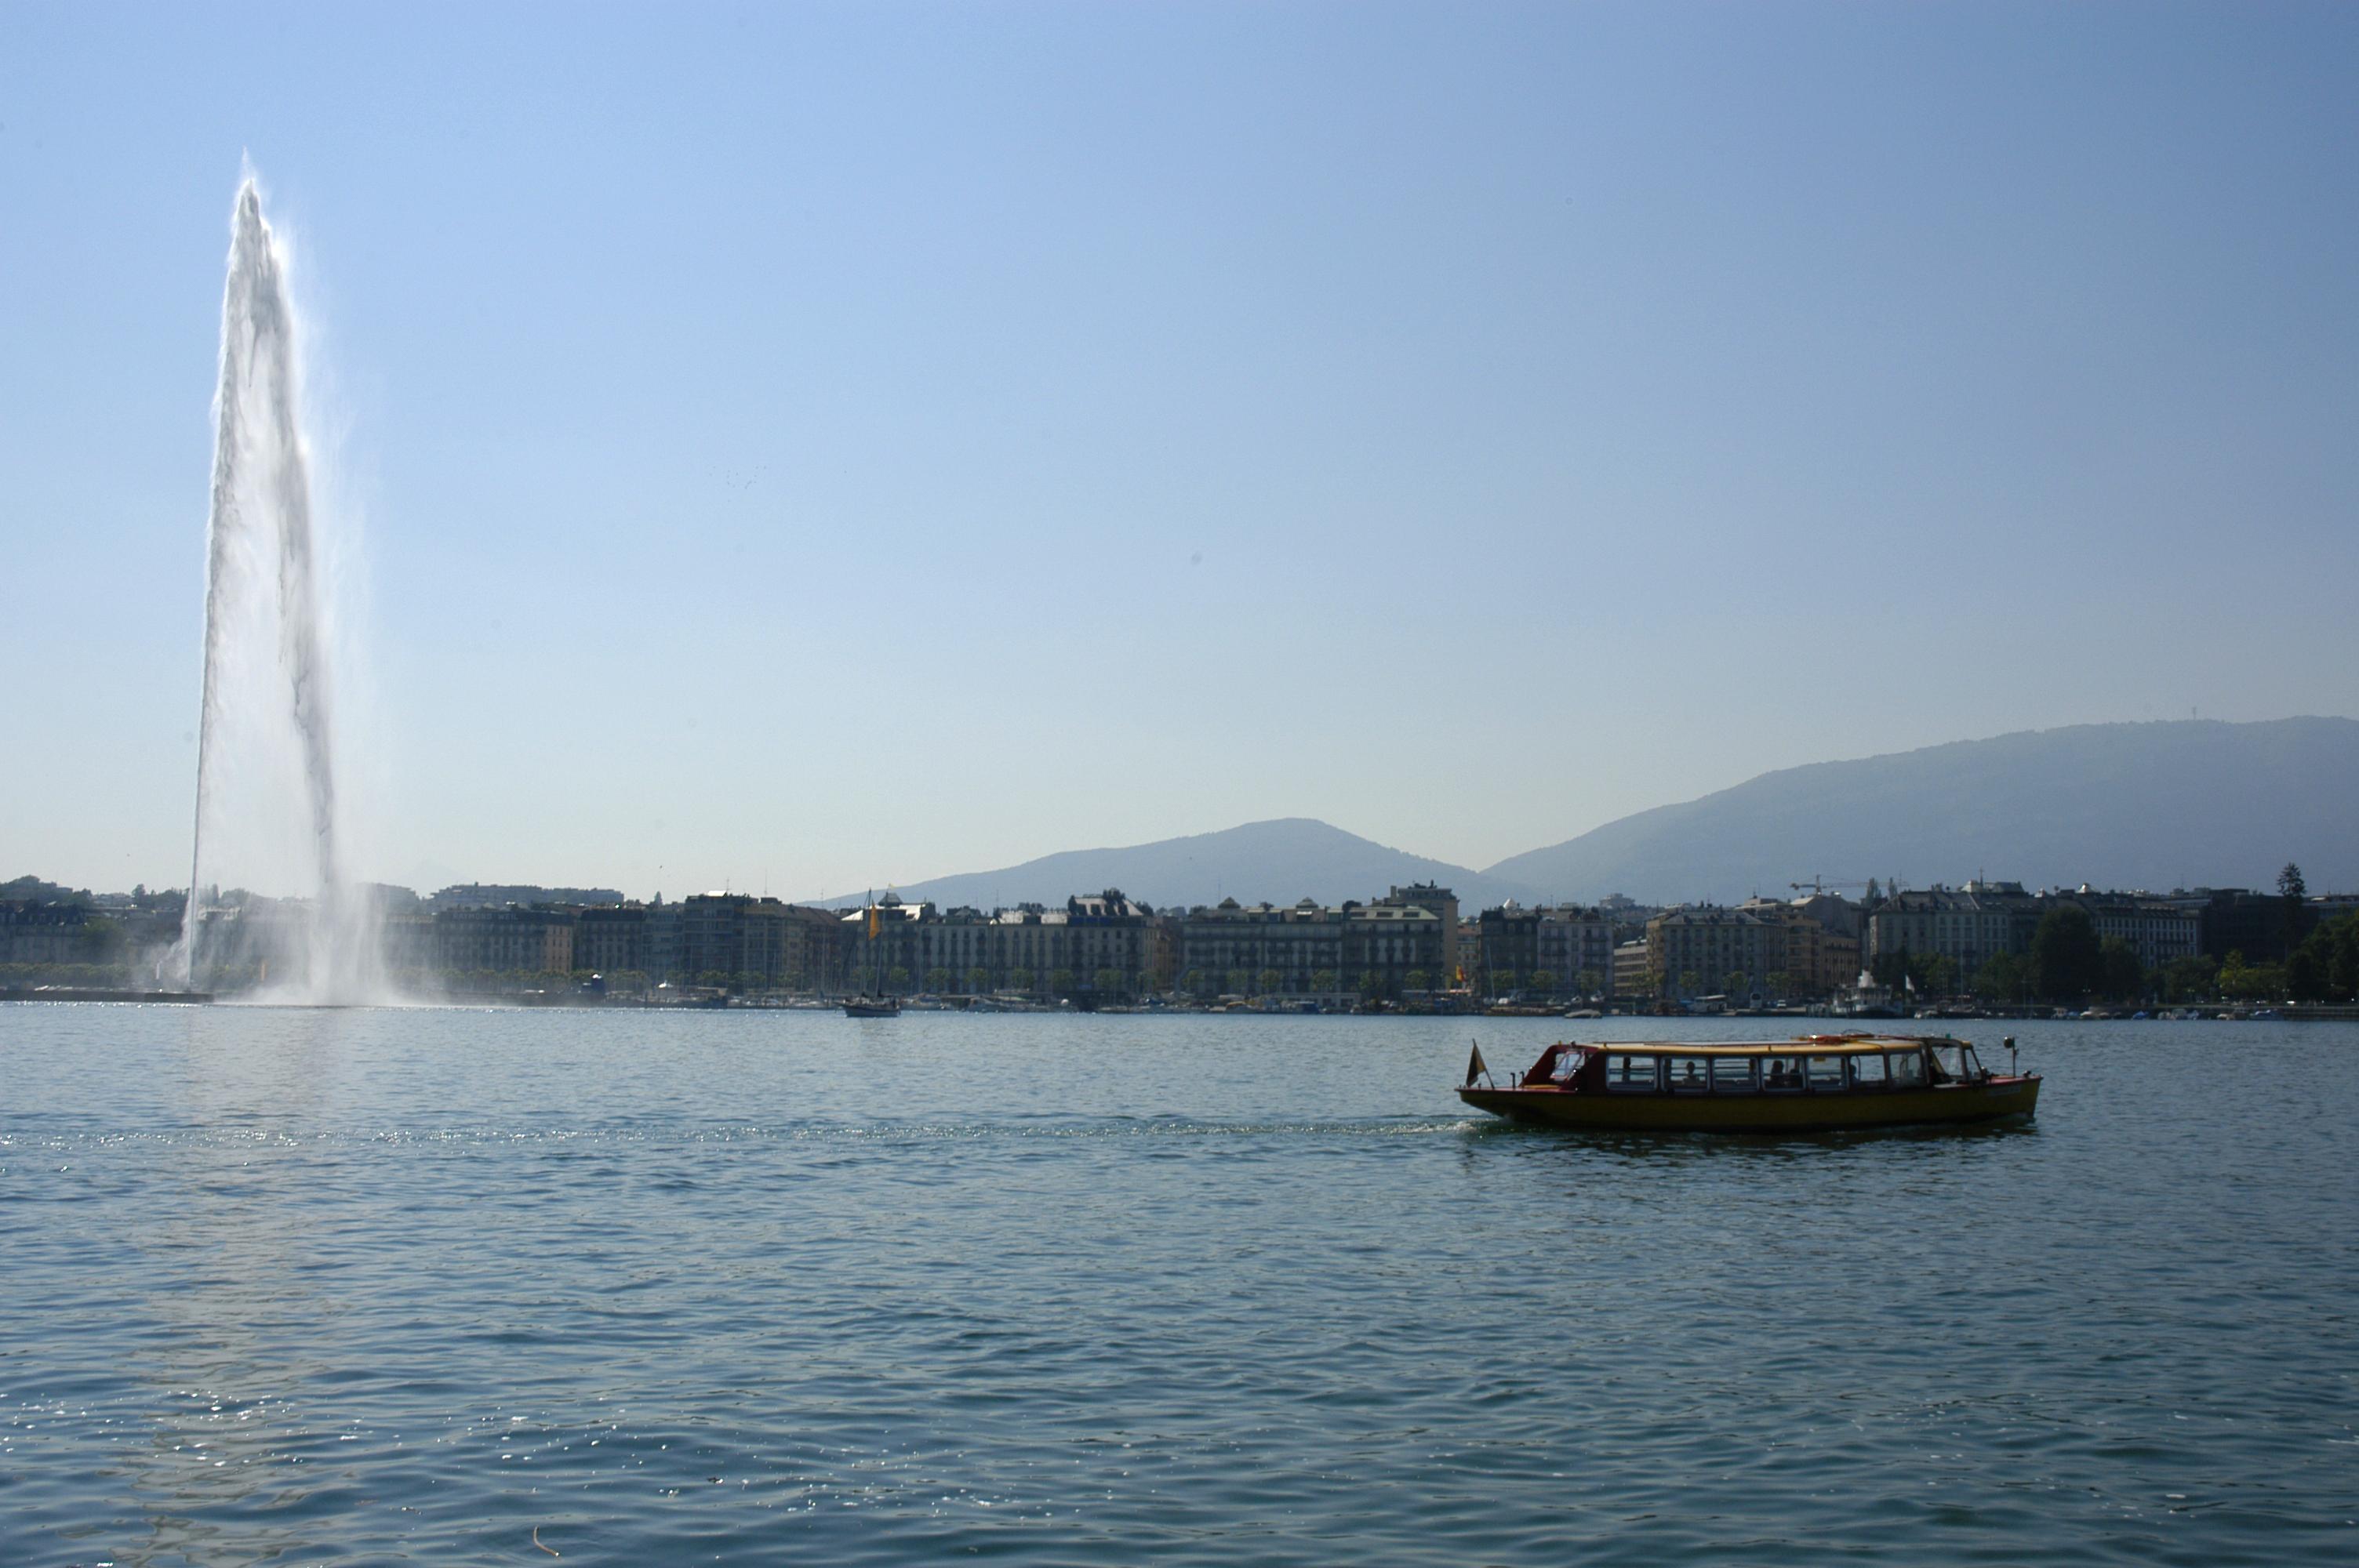 Vue sur le lac et le jet d'eau de Genève.